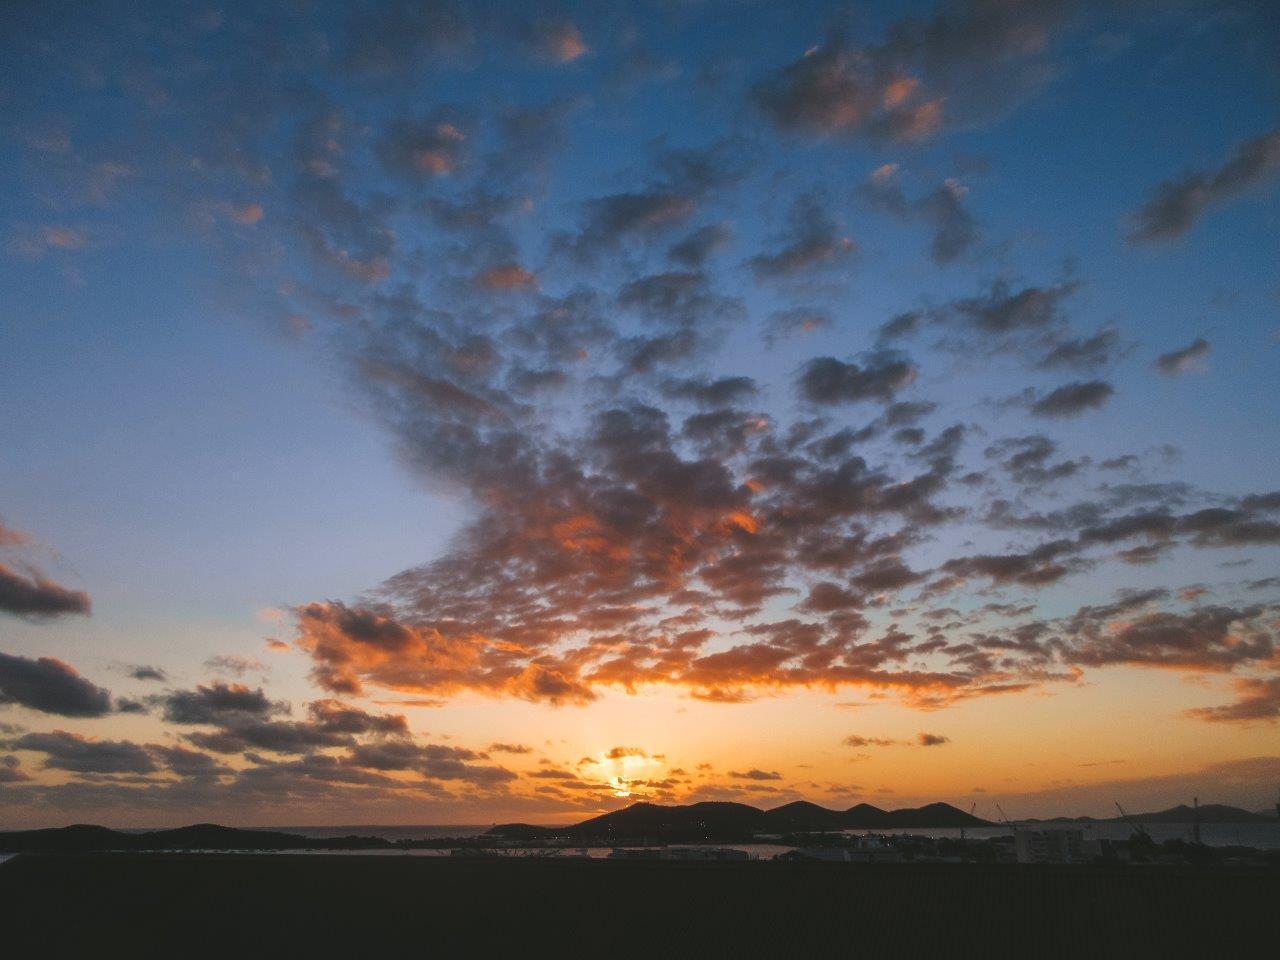 jana meerman sunset auberge de jeunesse noumea new caledonia (3)